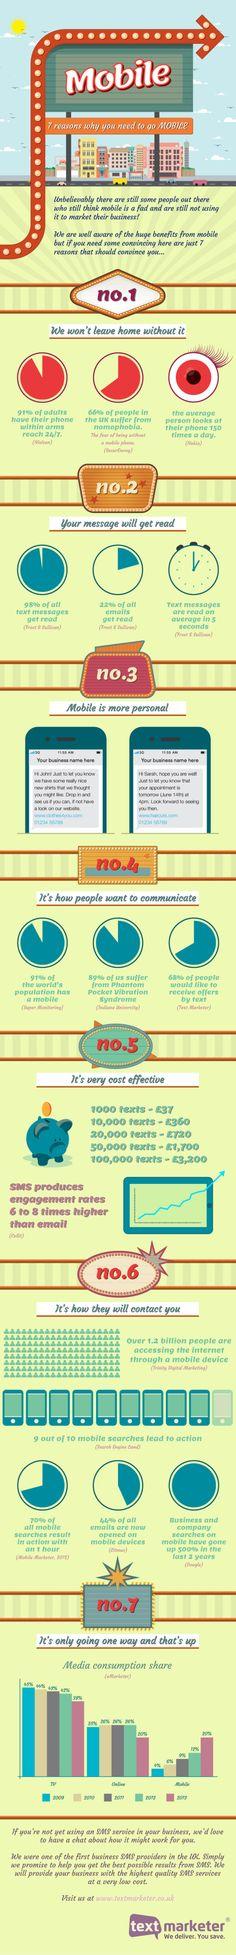 7 raisons pour tout miser sur la publicité mobile ! #SocialMedia #Advertising #RTB #Web